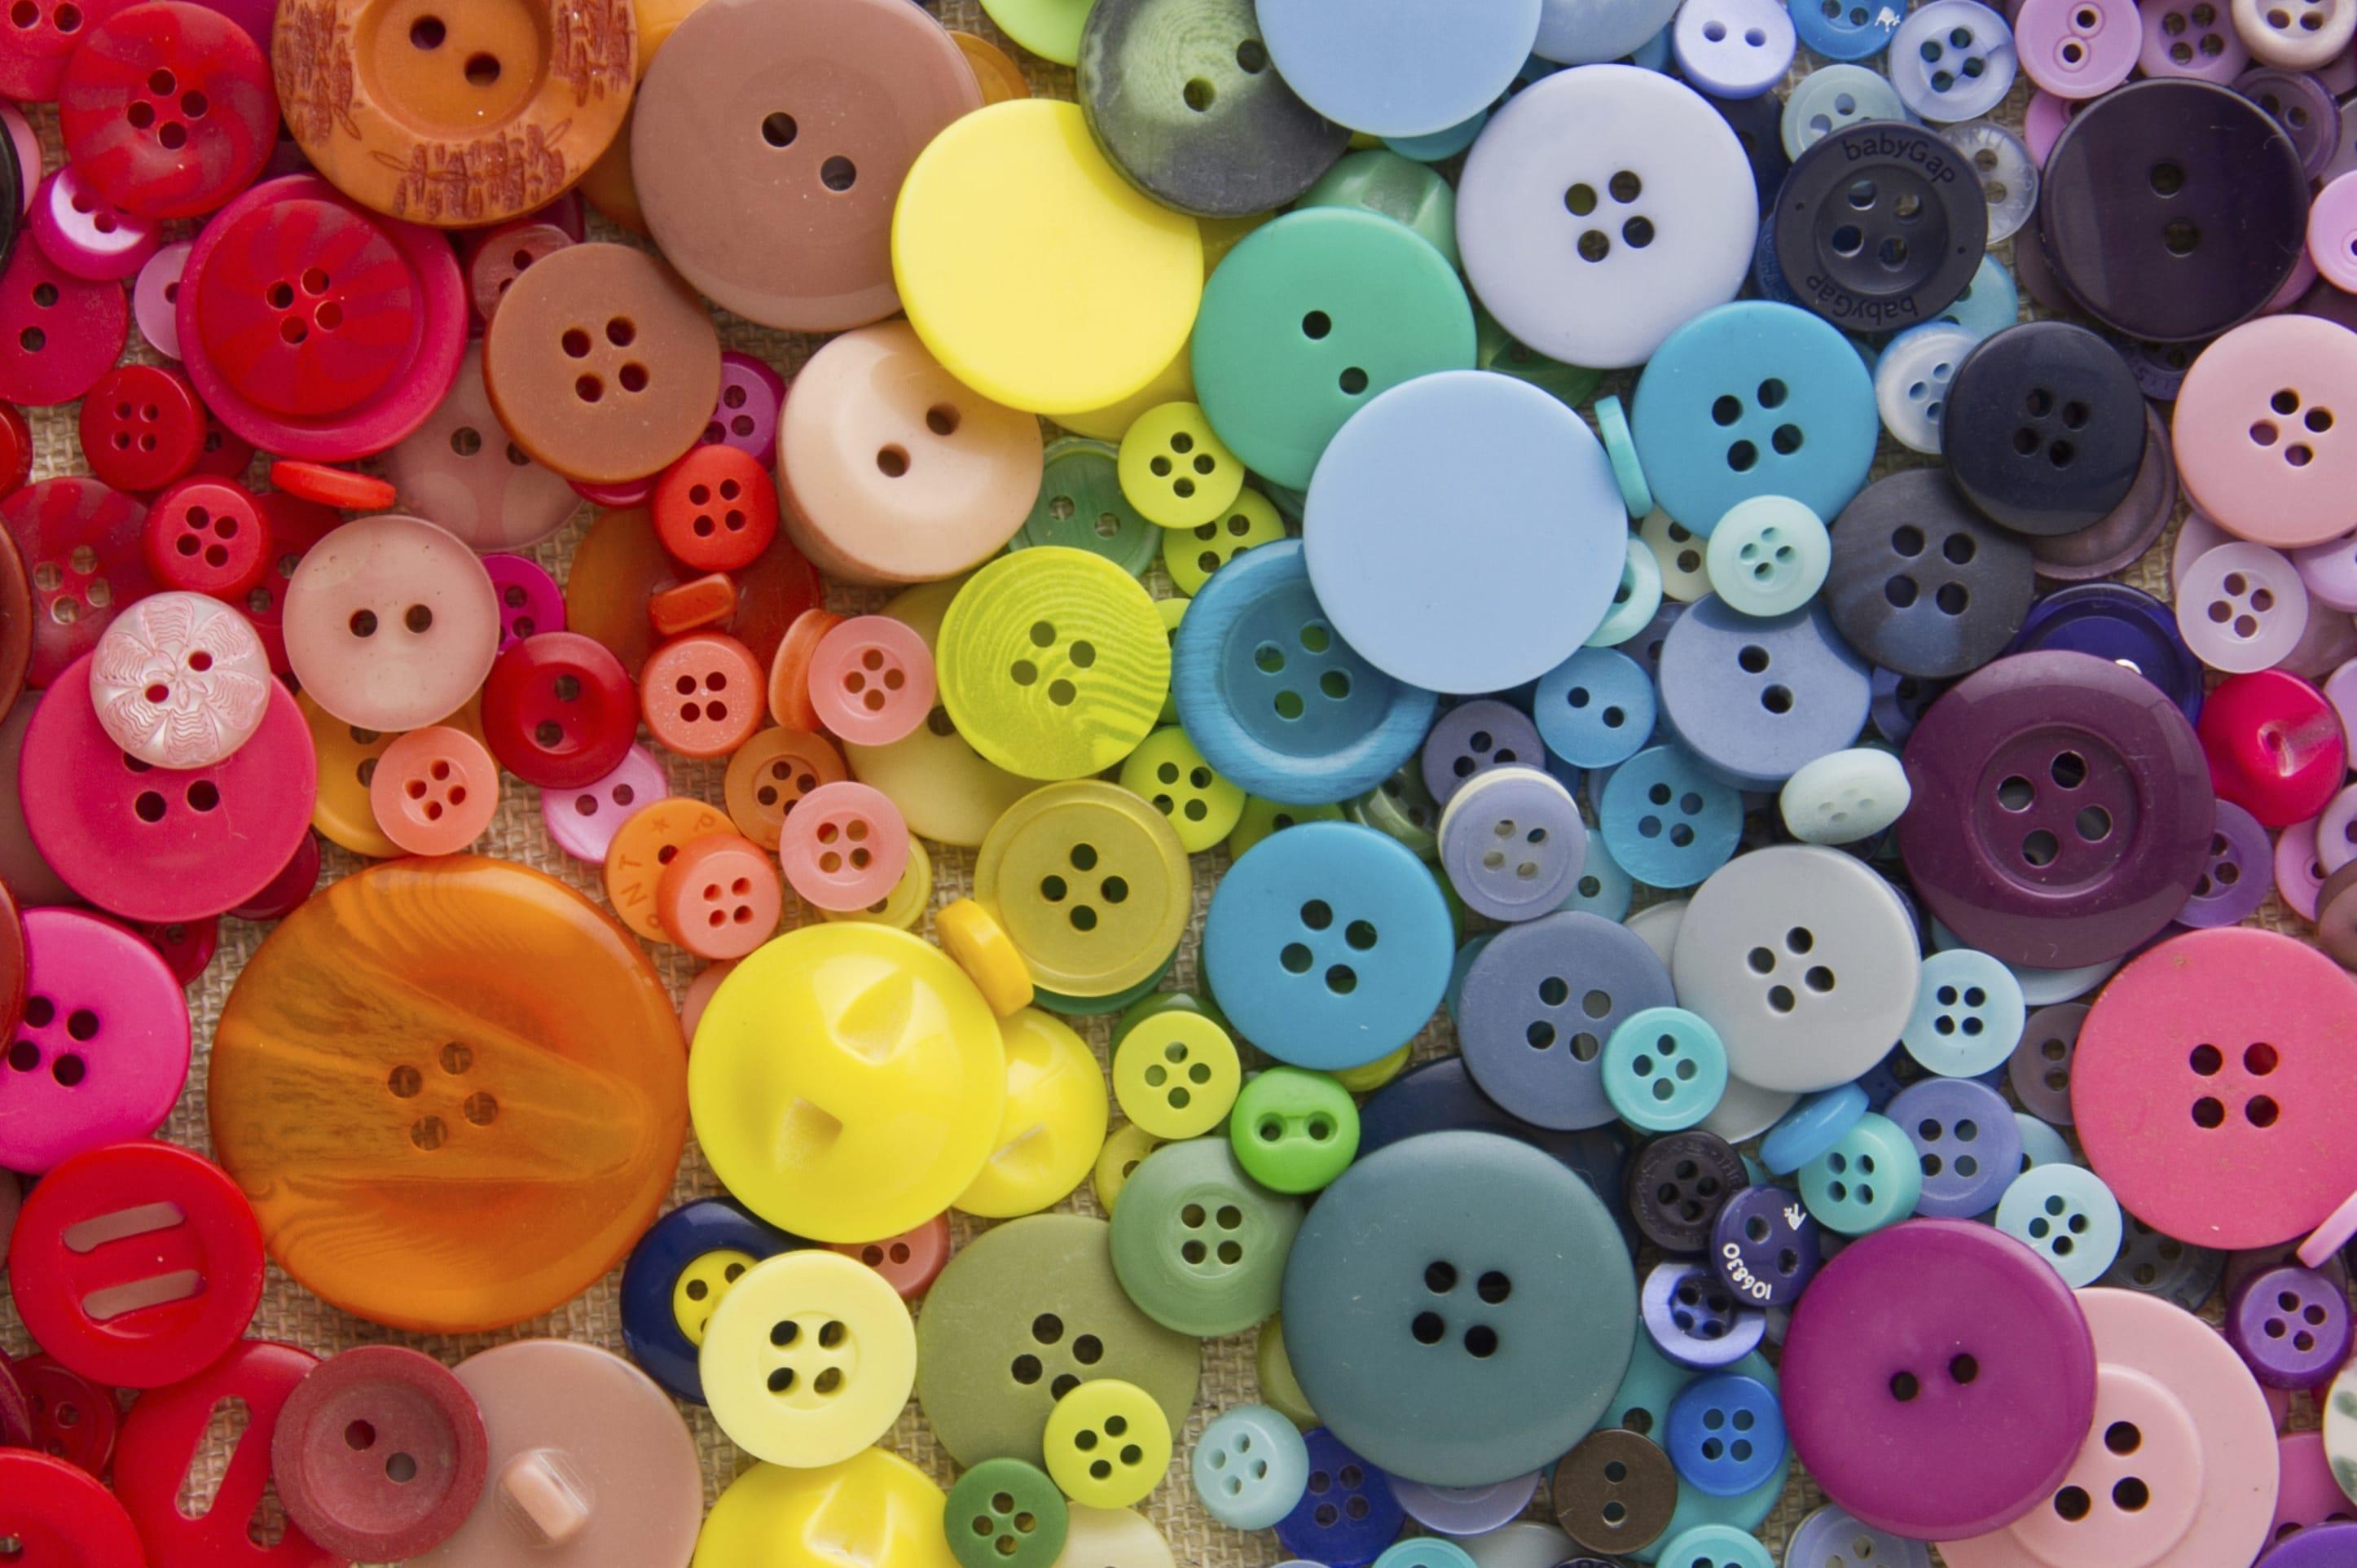 Riciclo creativo bottoni tante idee per decorazioni fai da te non sprecare - Idee per lavoro da casa ...